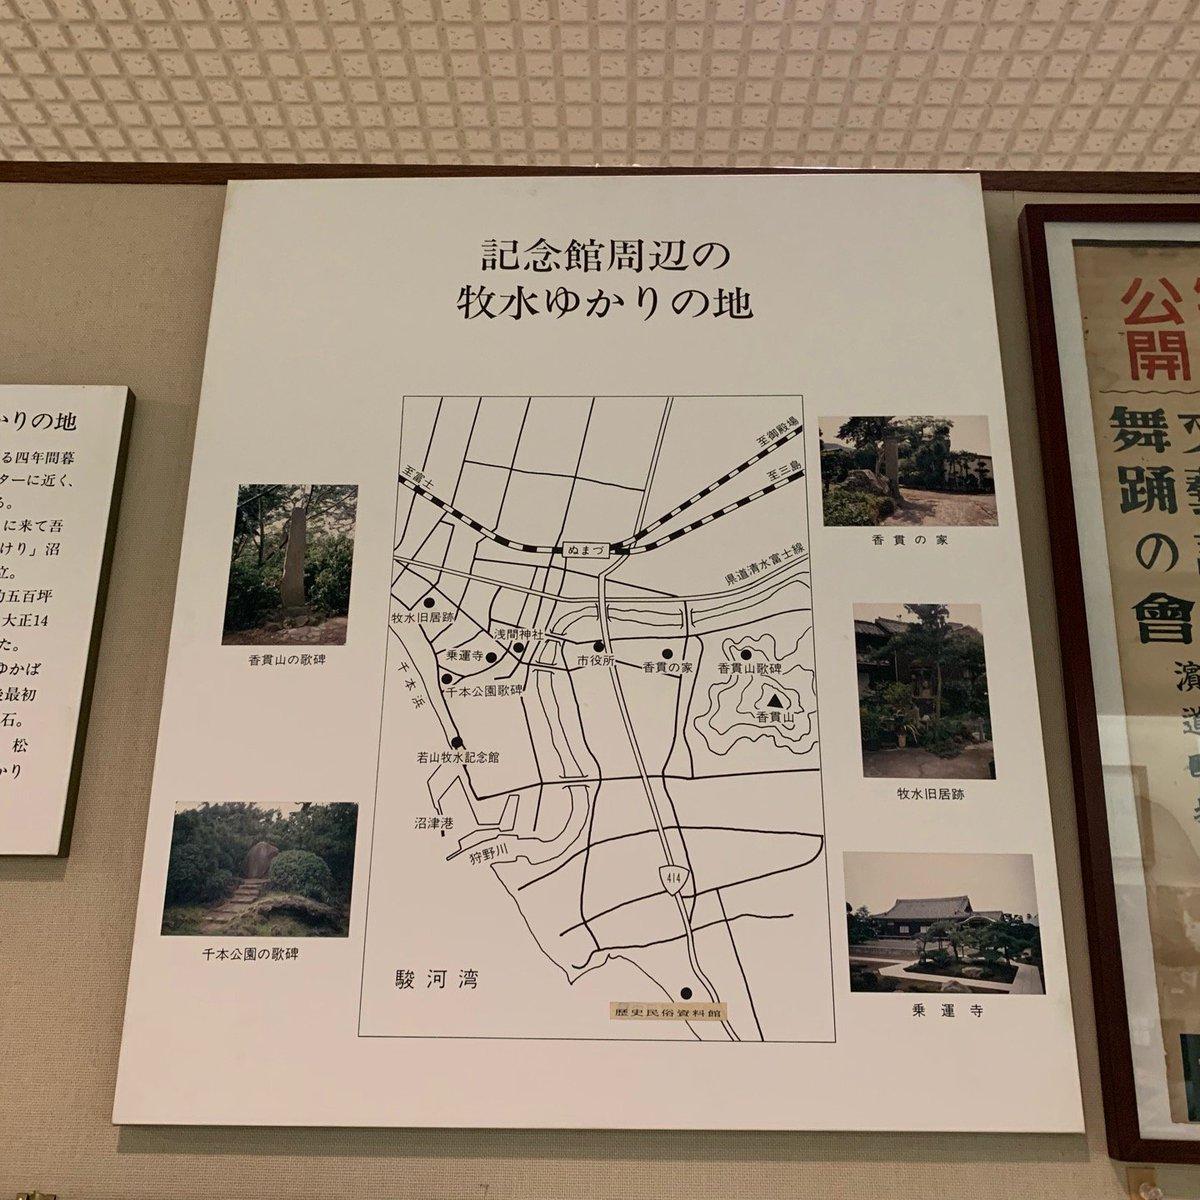 沼津市若山牧水記念館(4)記念館周辺の 牧水ゆかりの地